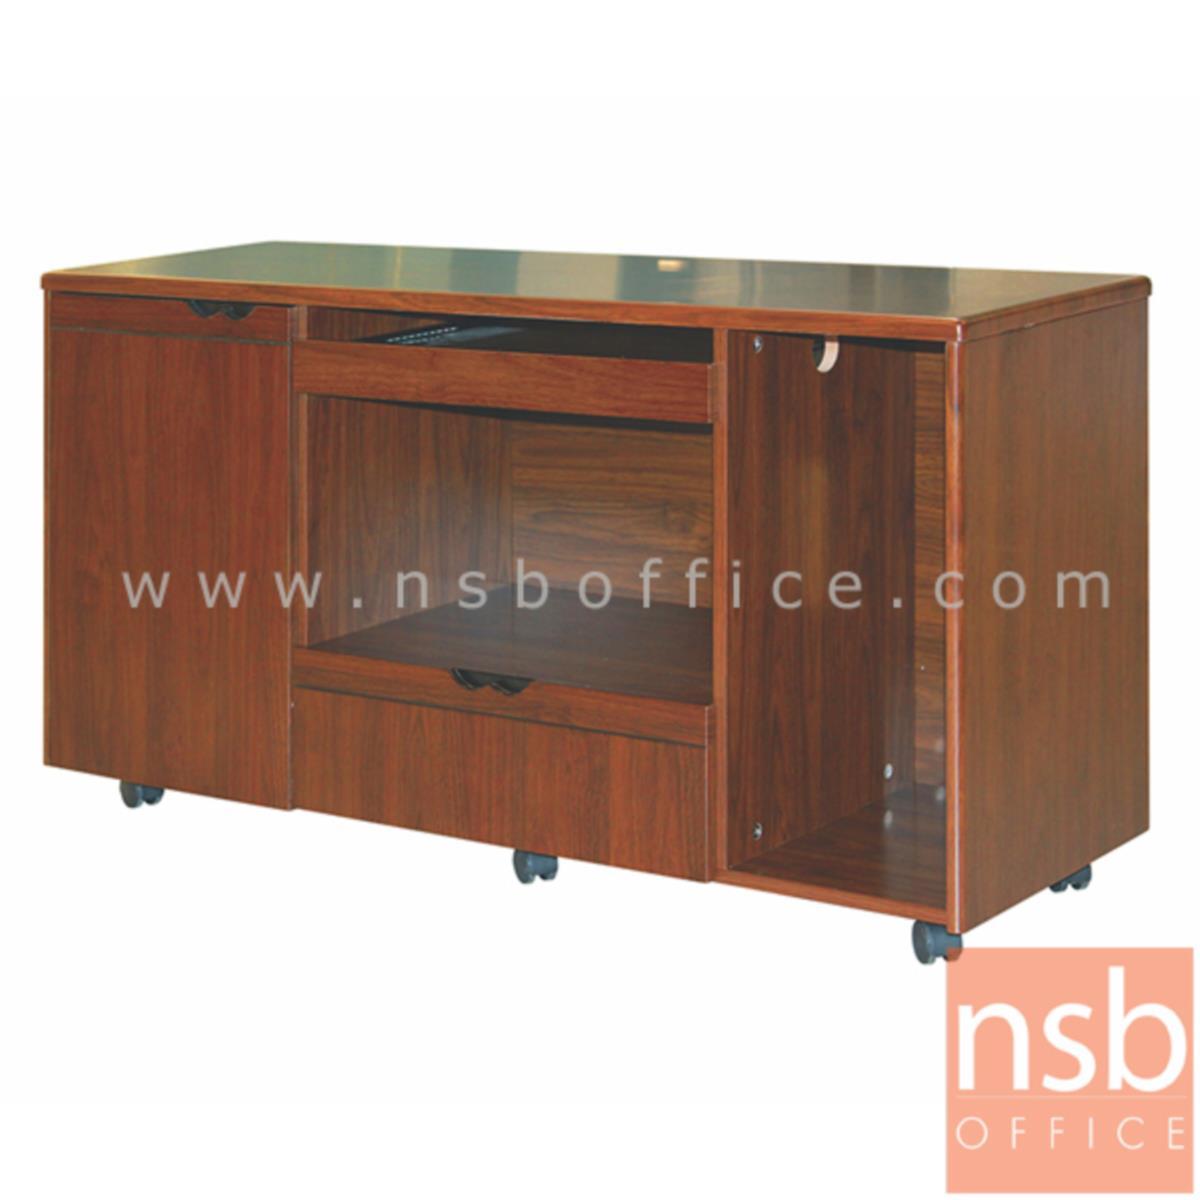 โต๊ะผู้บริหารตัวแอล  รุ่น LUCKY  ขนาด 160W ,180W cm.  พร้อมโต๊ะลิ้นชักและตู้ข้าง